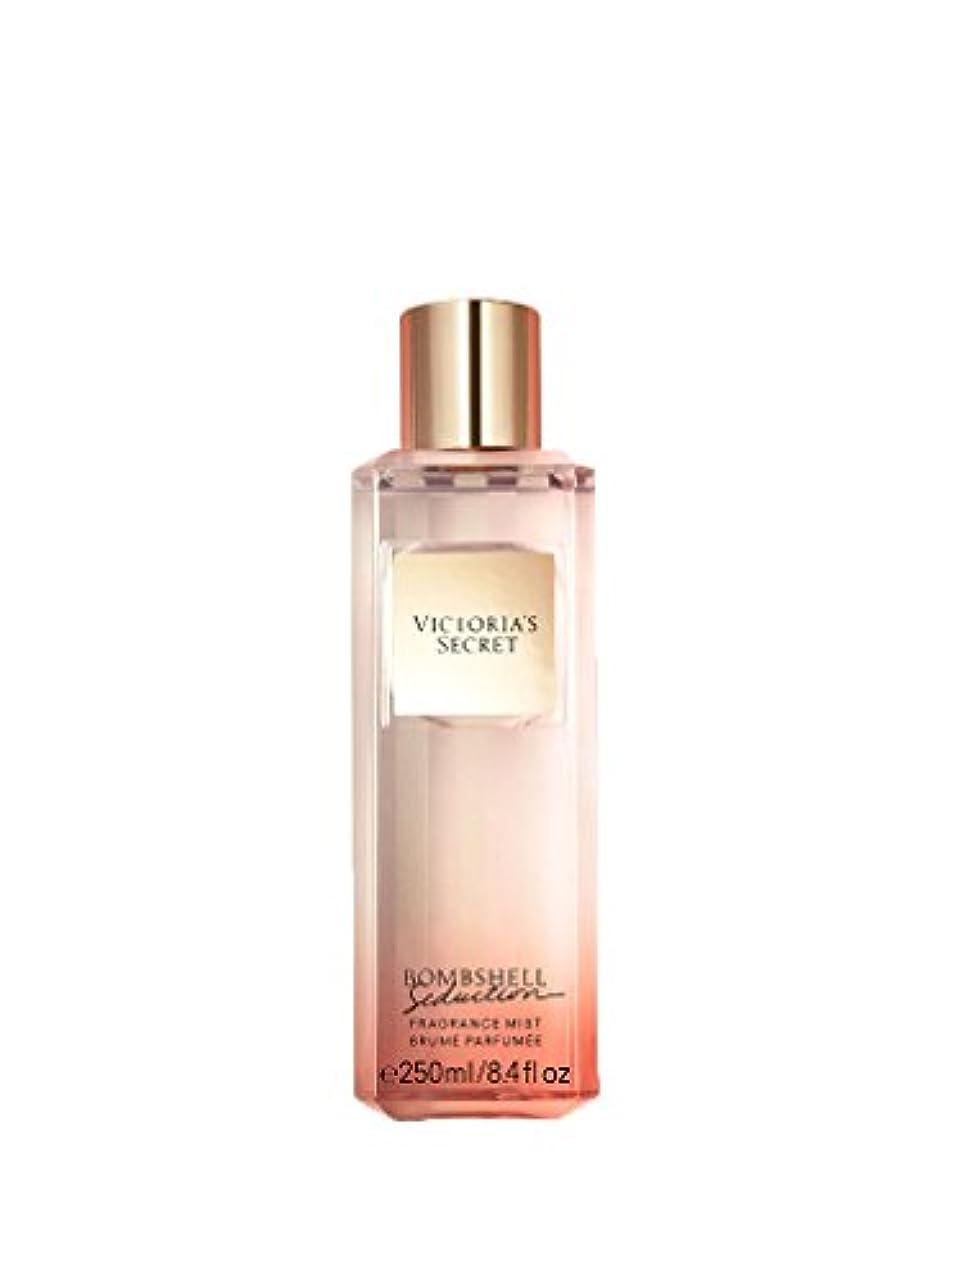 から聞く郊外ショッピングセンター【並行輸入品】Victoria's Secret Bombshell Seduction Fragrance Mist ヴィクトリアズシークレットボムシェルセダクションミスト250 ml